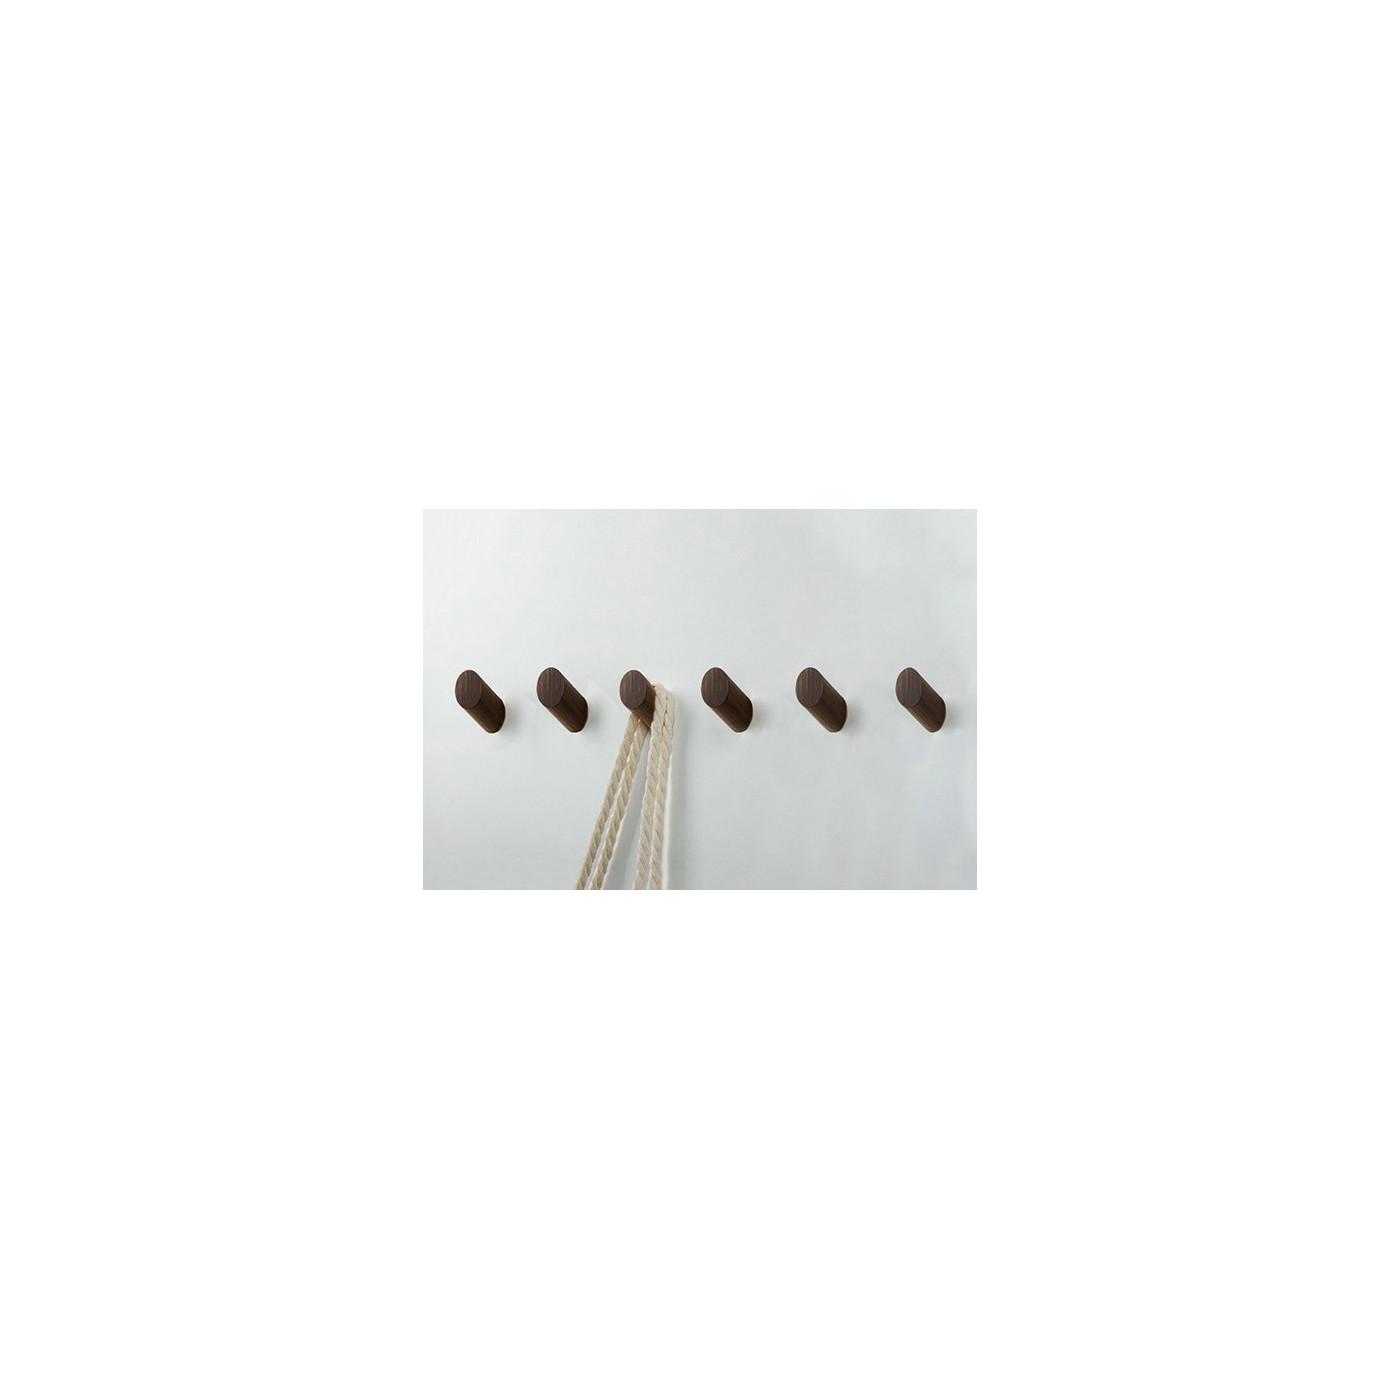 Set van 6 houten kledinghaken (kapstok), noten  - 1